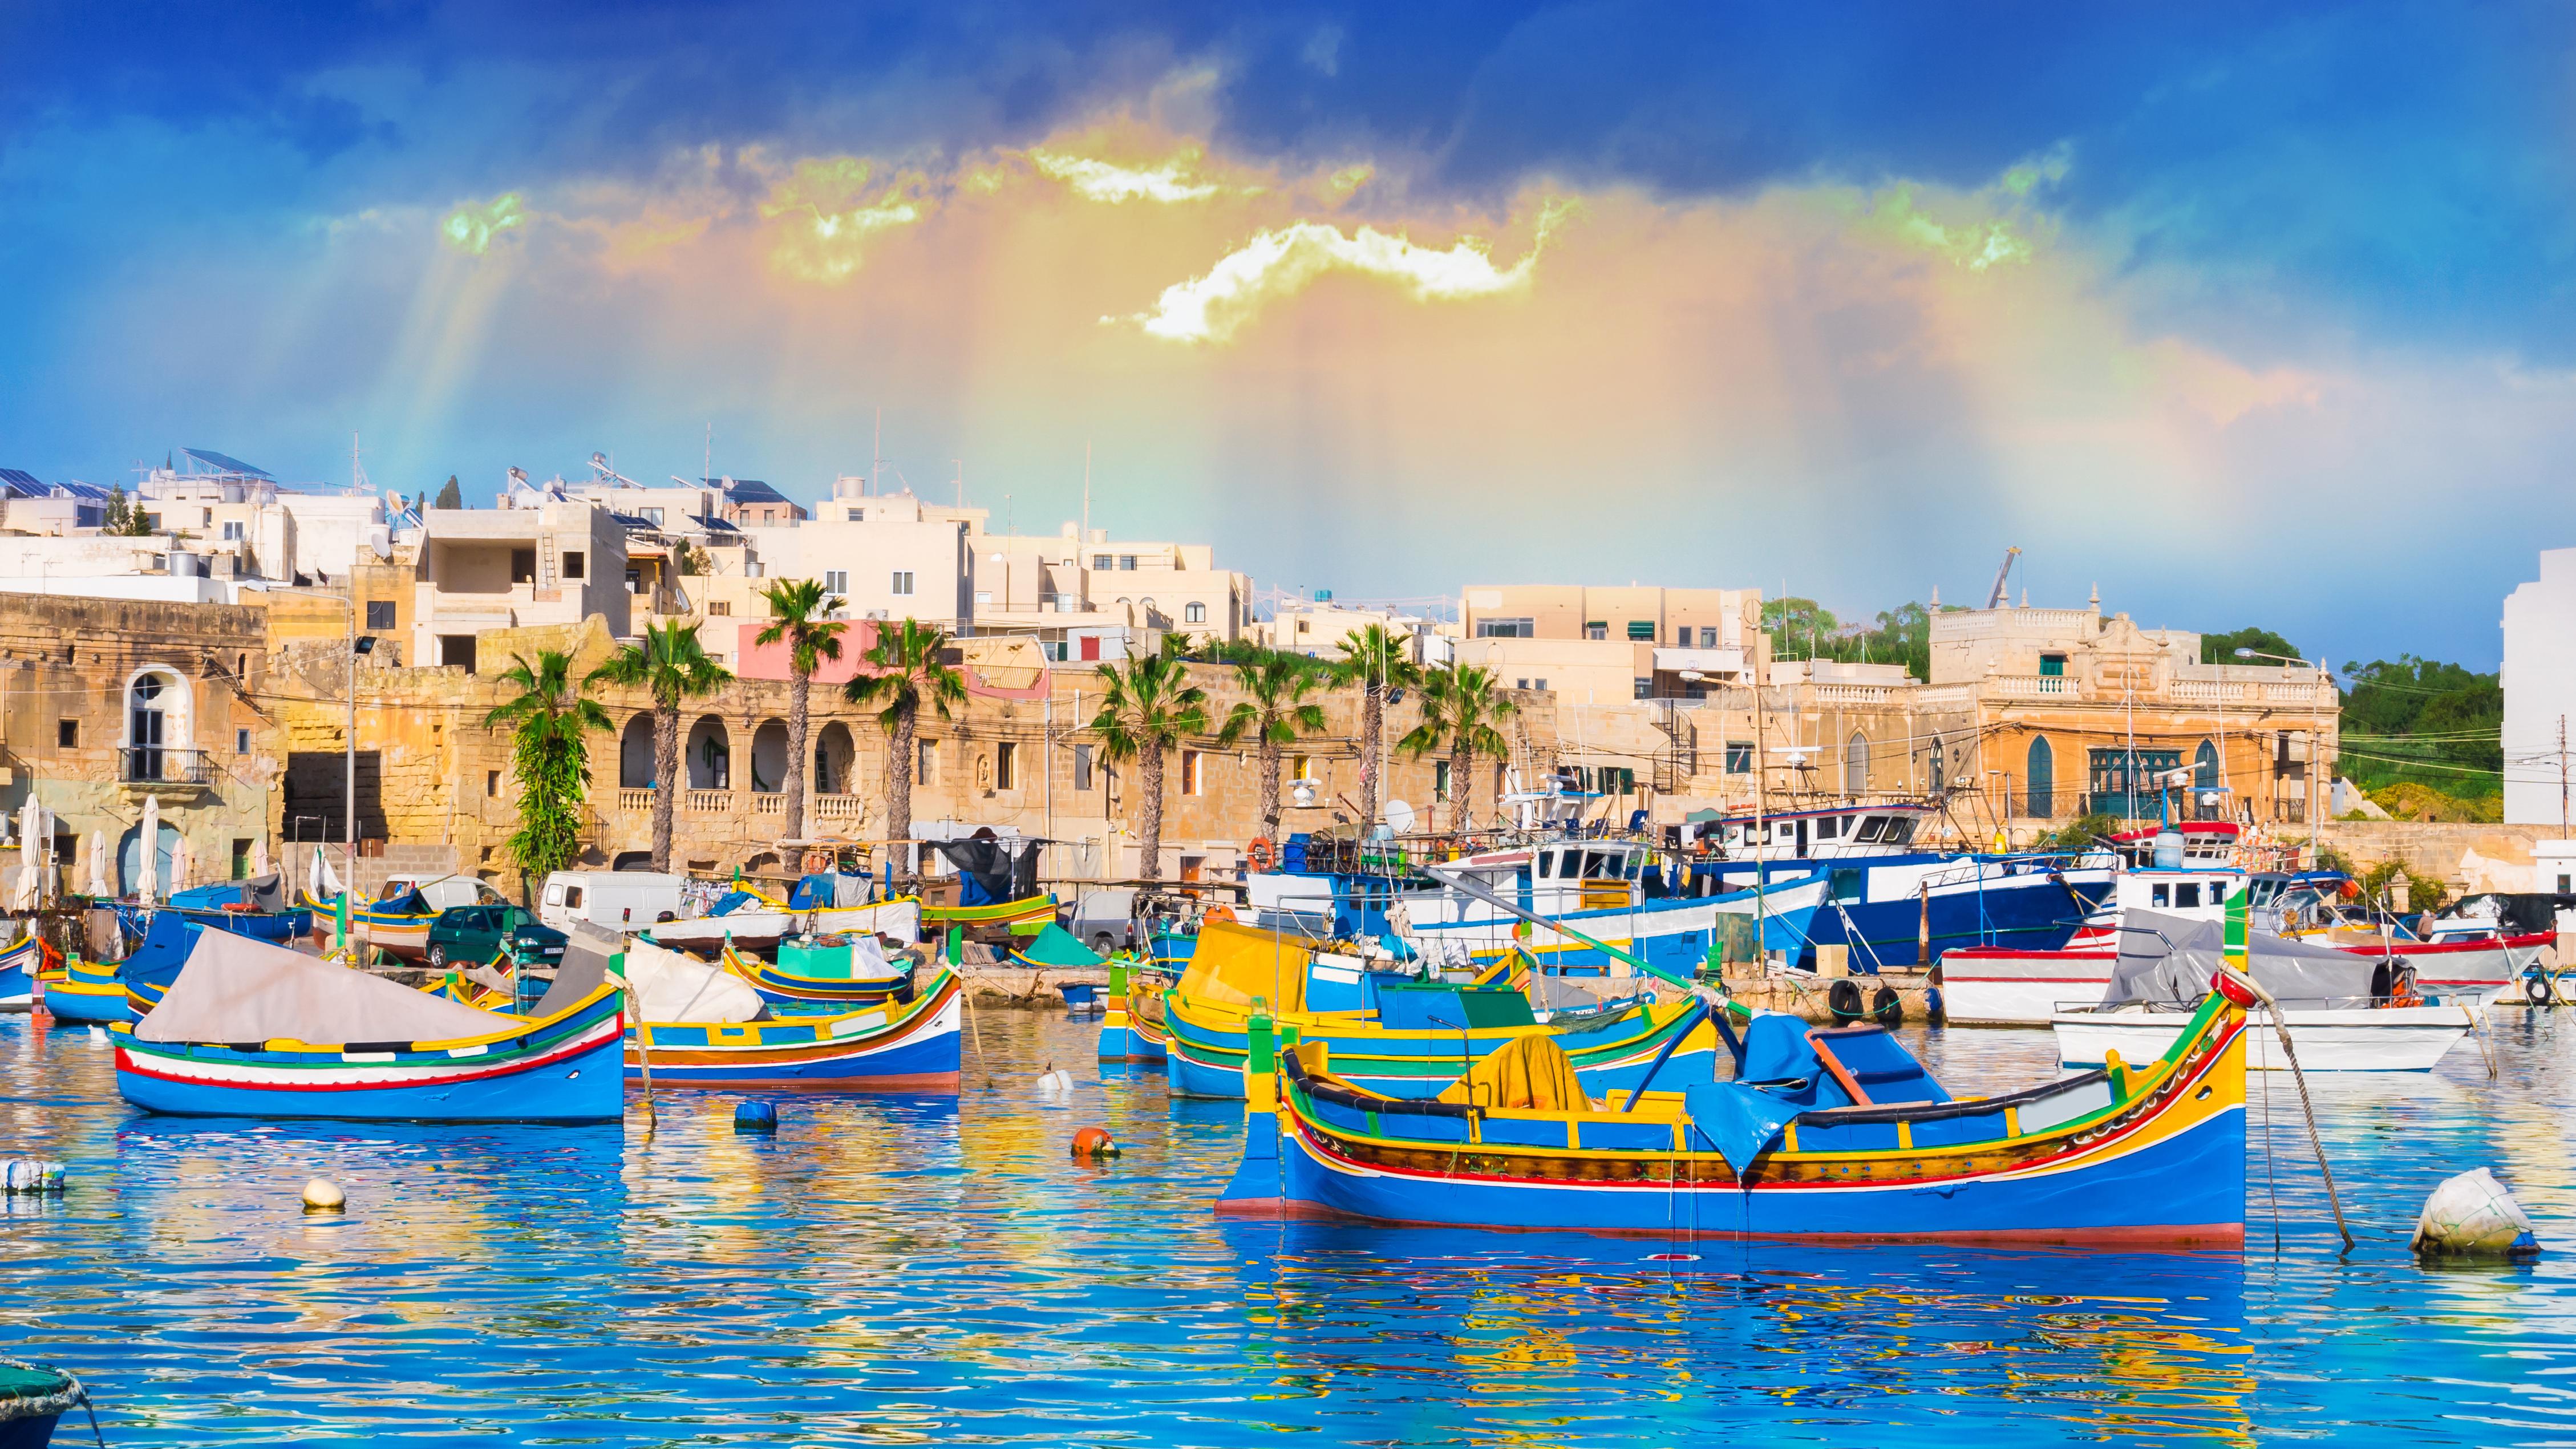 Гавань Мальты, ПМЖ которой могут получить россияне